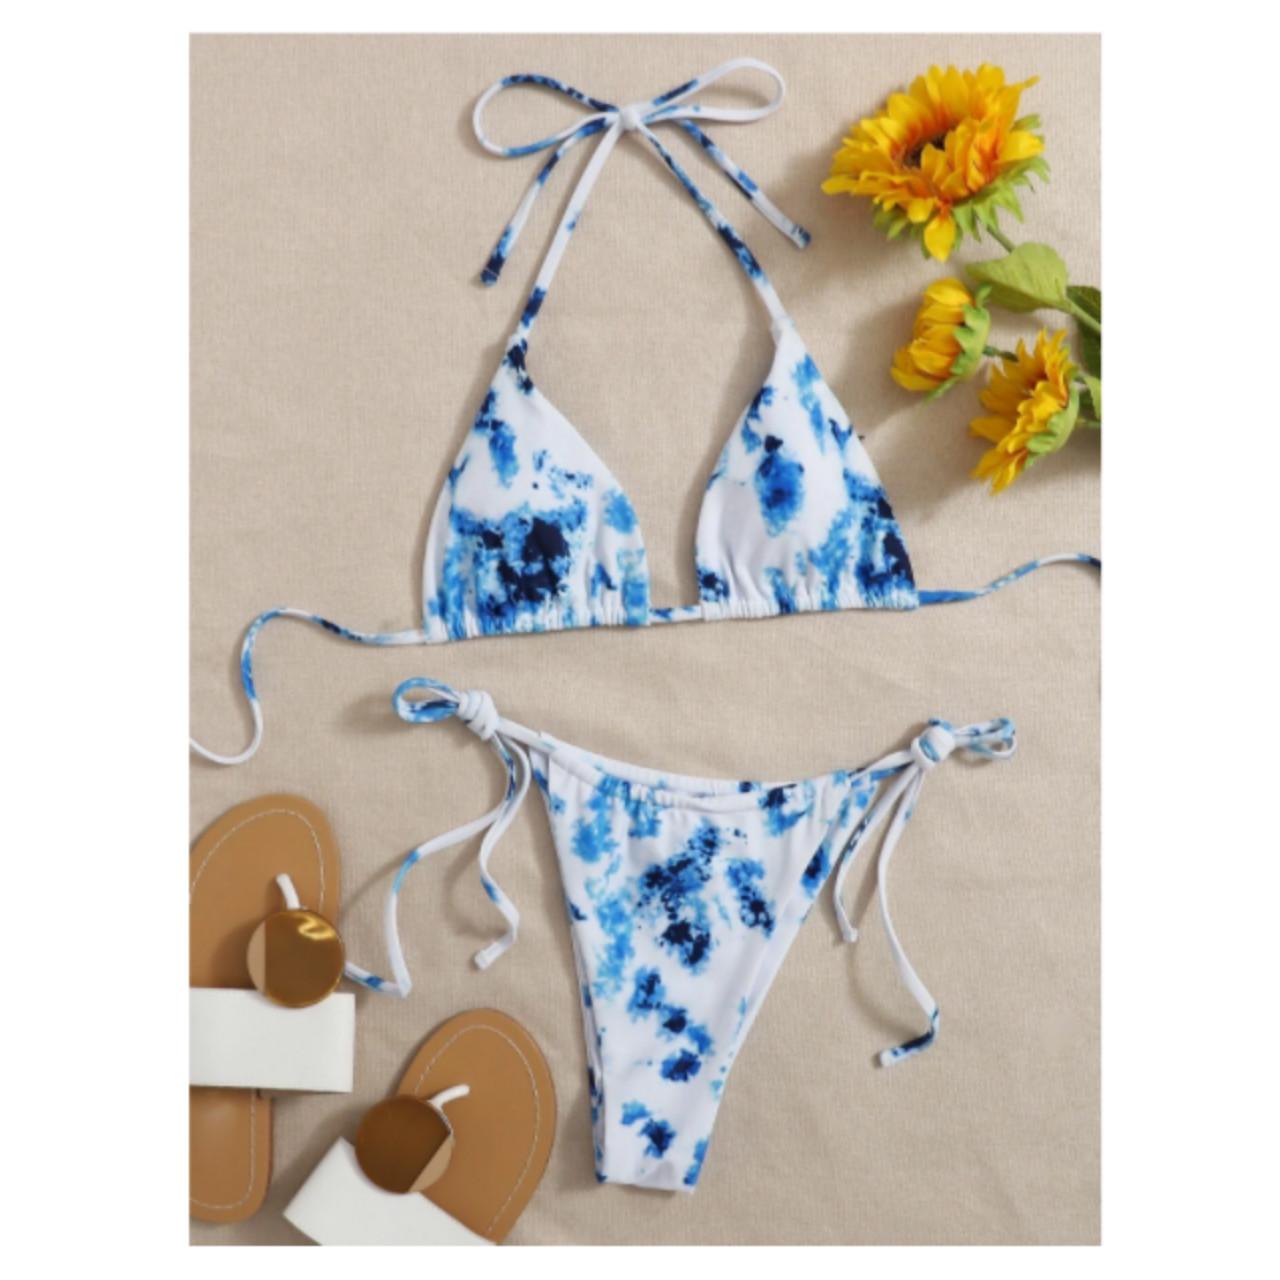 Tie-dye self-tie halter bikini swimsuit s